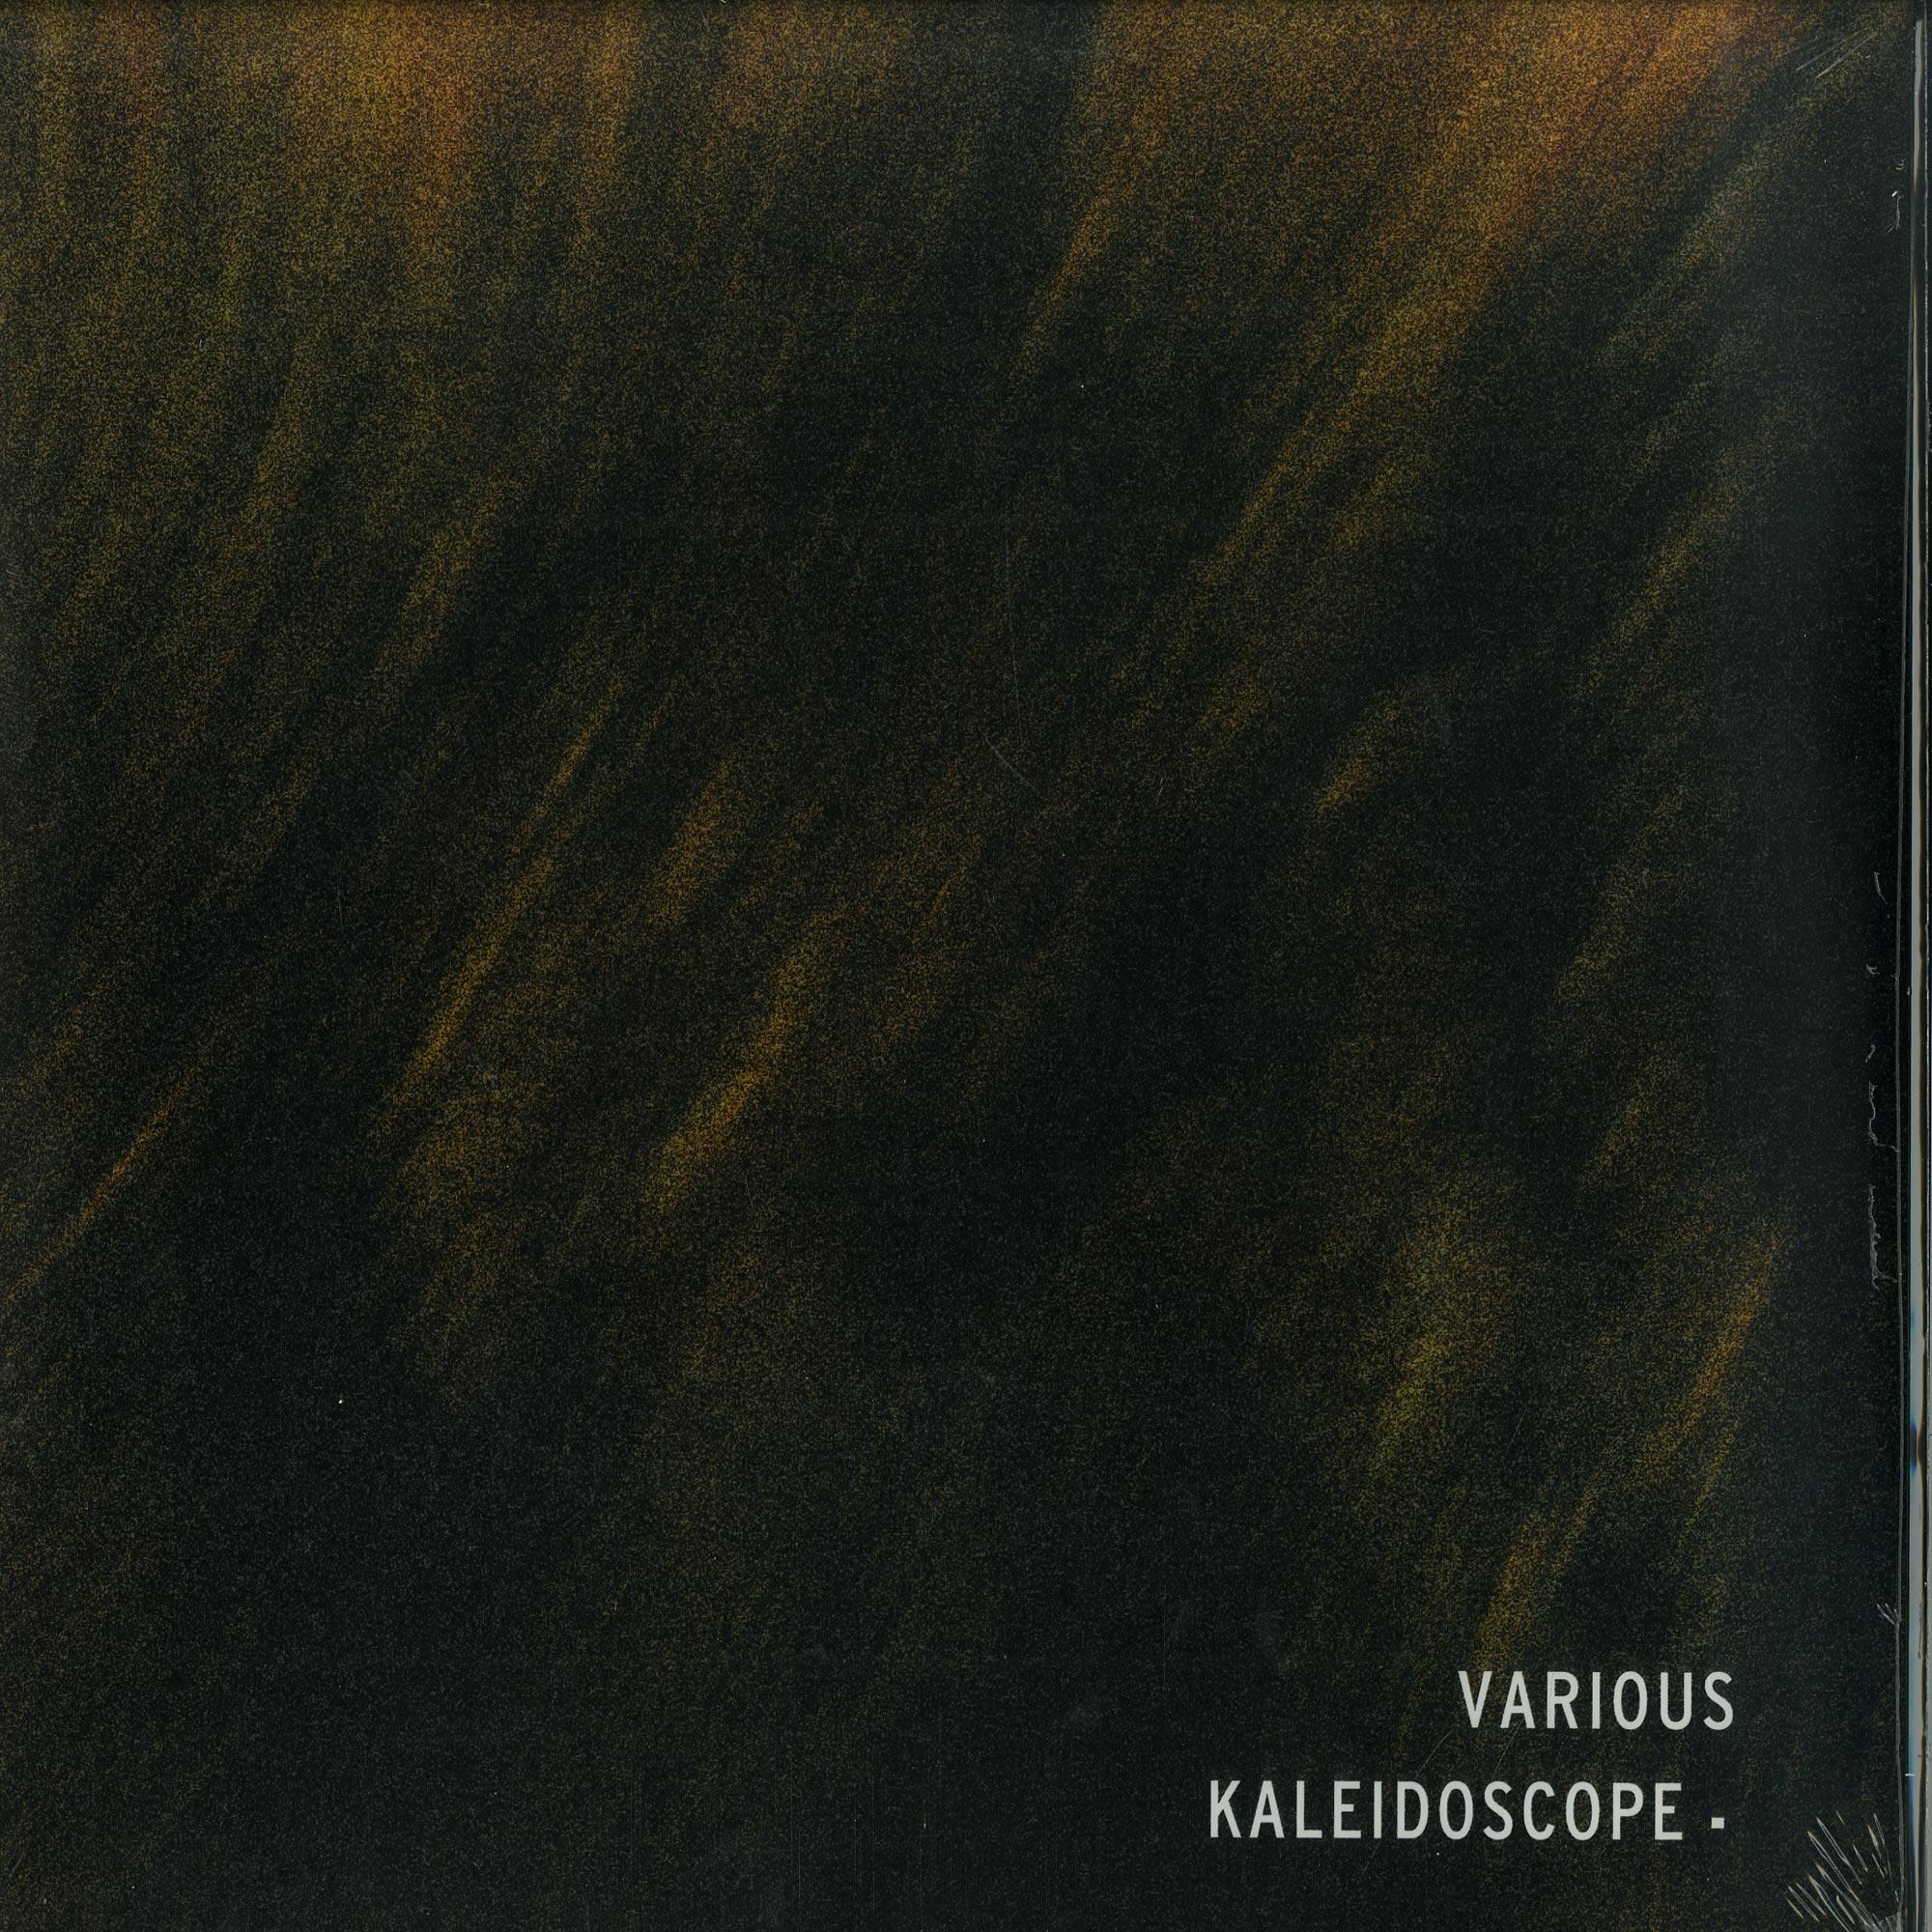 V/A  - KALEIDOSCOPE 01